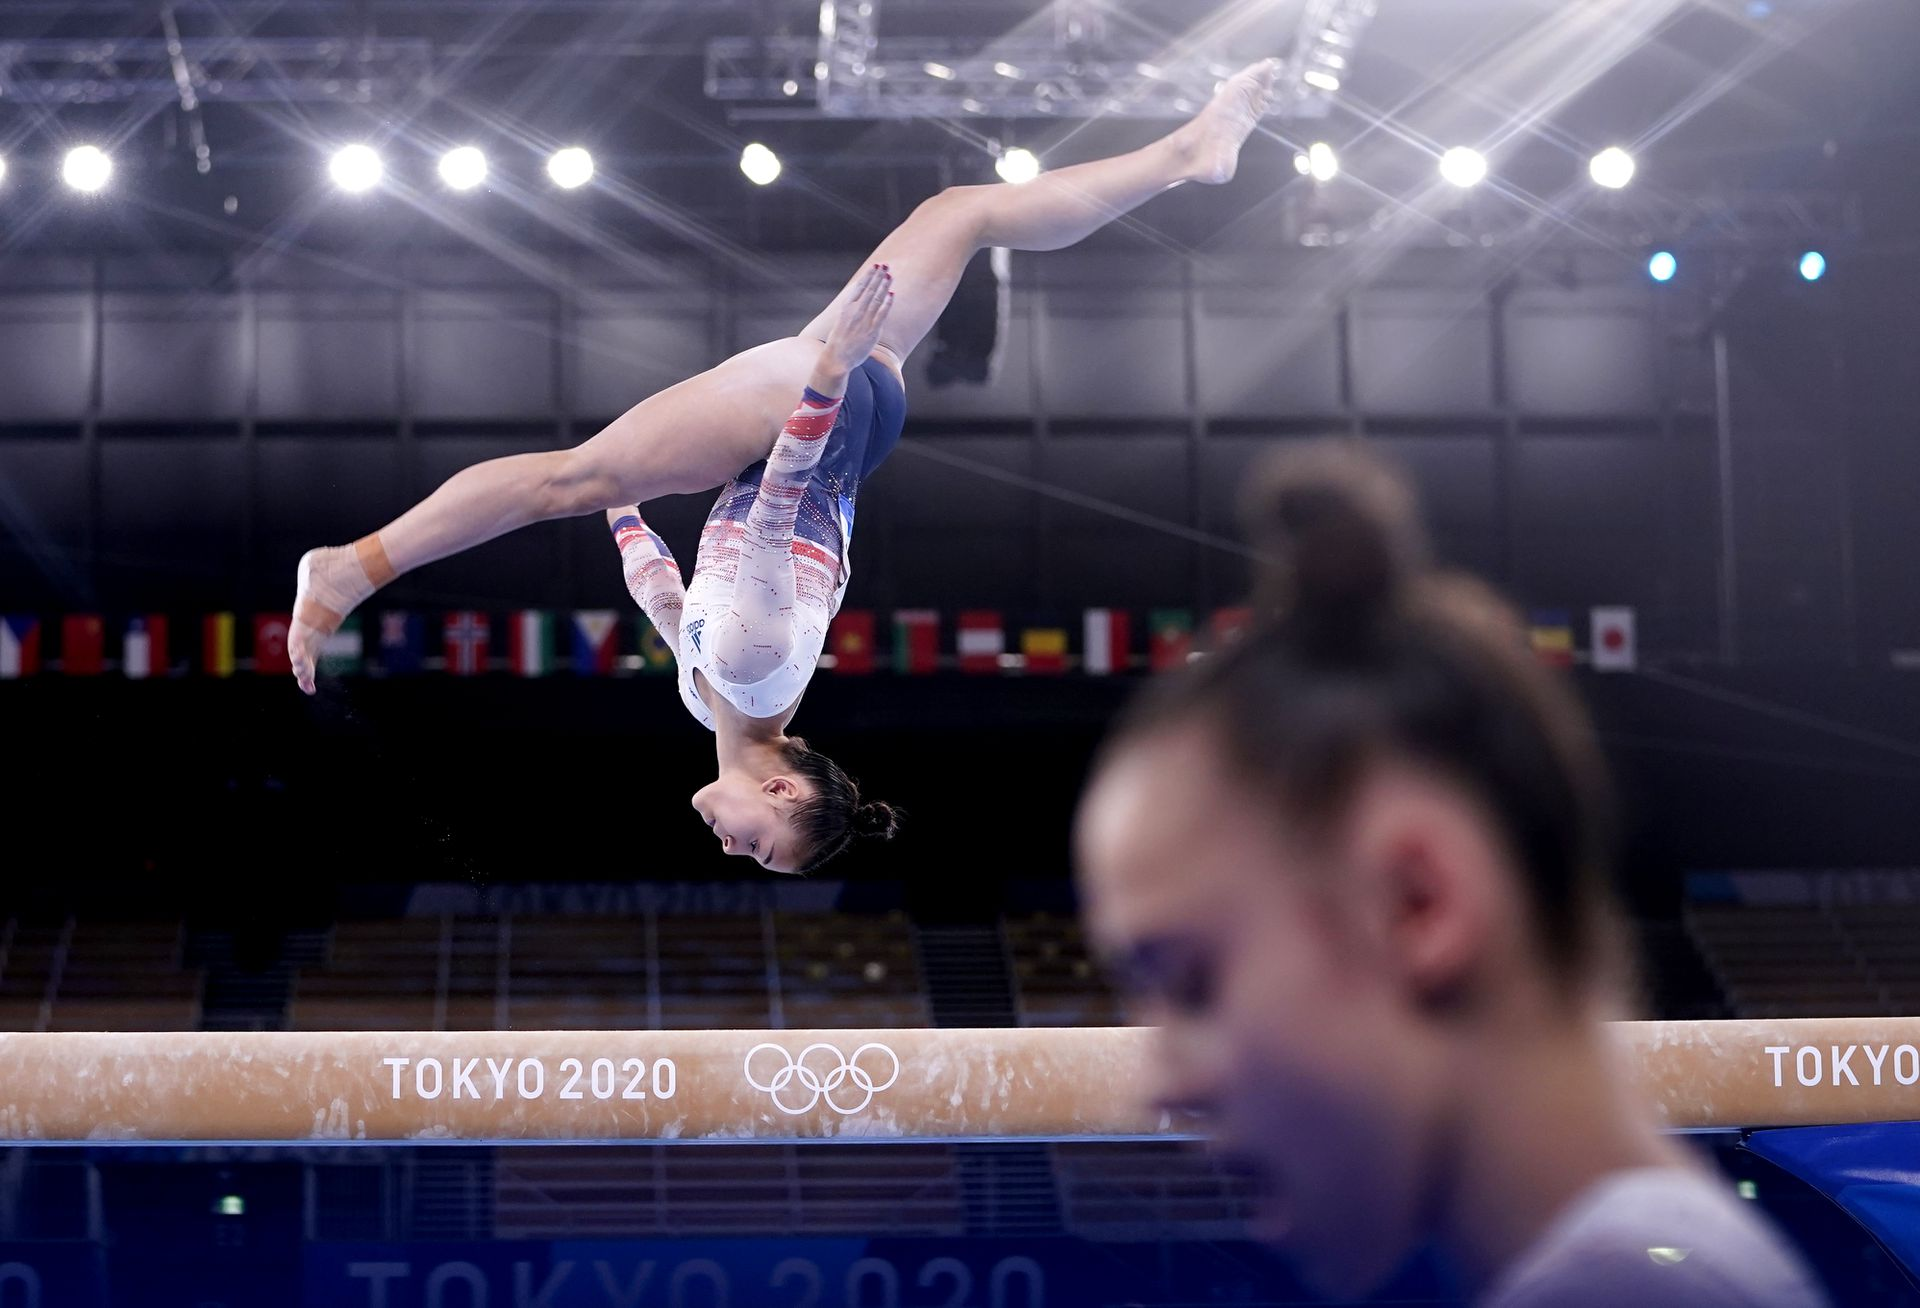 La británica Jessica Gadirova en acción en la viga de equilibrio mientras su compañera de equipo Jennifer Gadirova pasa durante la Subdivisión de Calificación Femenina 2 en el Centro de Gimnasia Ariake en el segundo día de los Juegos Olímpicos de Tokio 2020 en Japón. Fecha de la imagen: domingo 25 de julio de 2021.